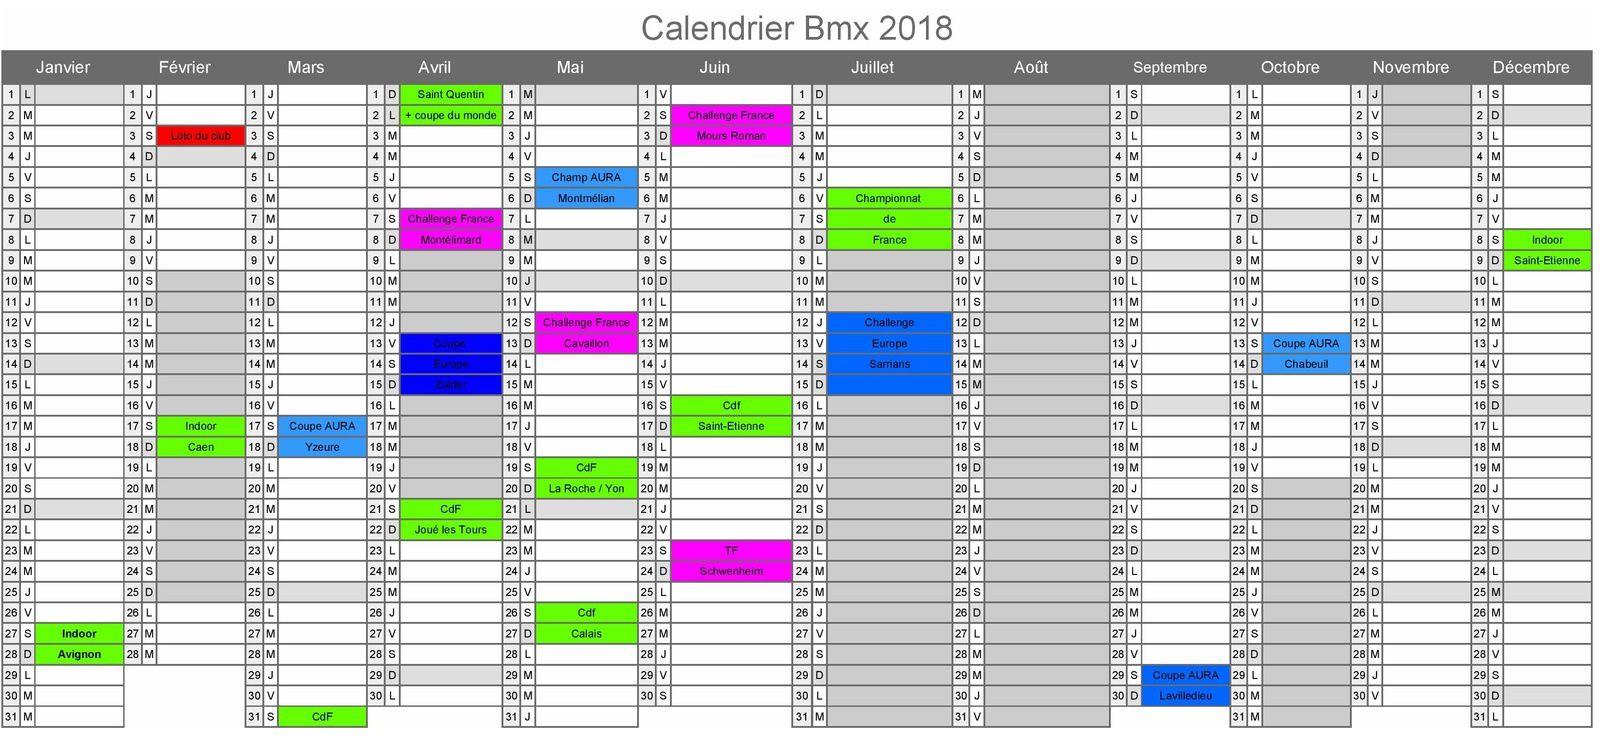 Le calendrier 2018 déjà bien avancé